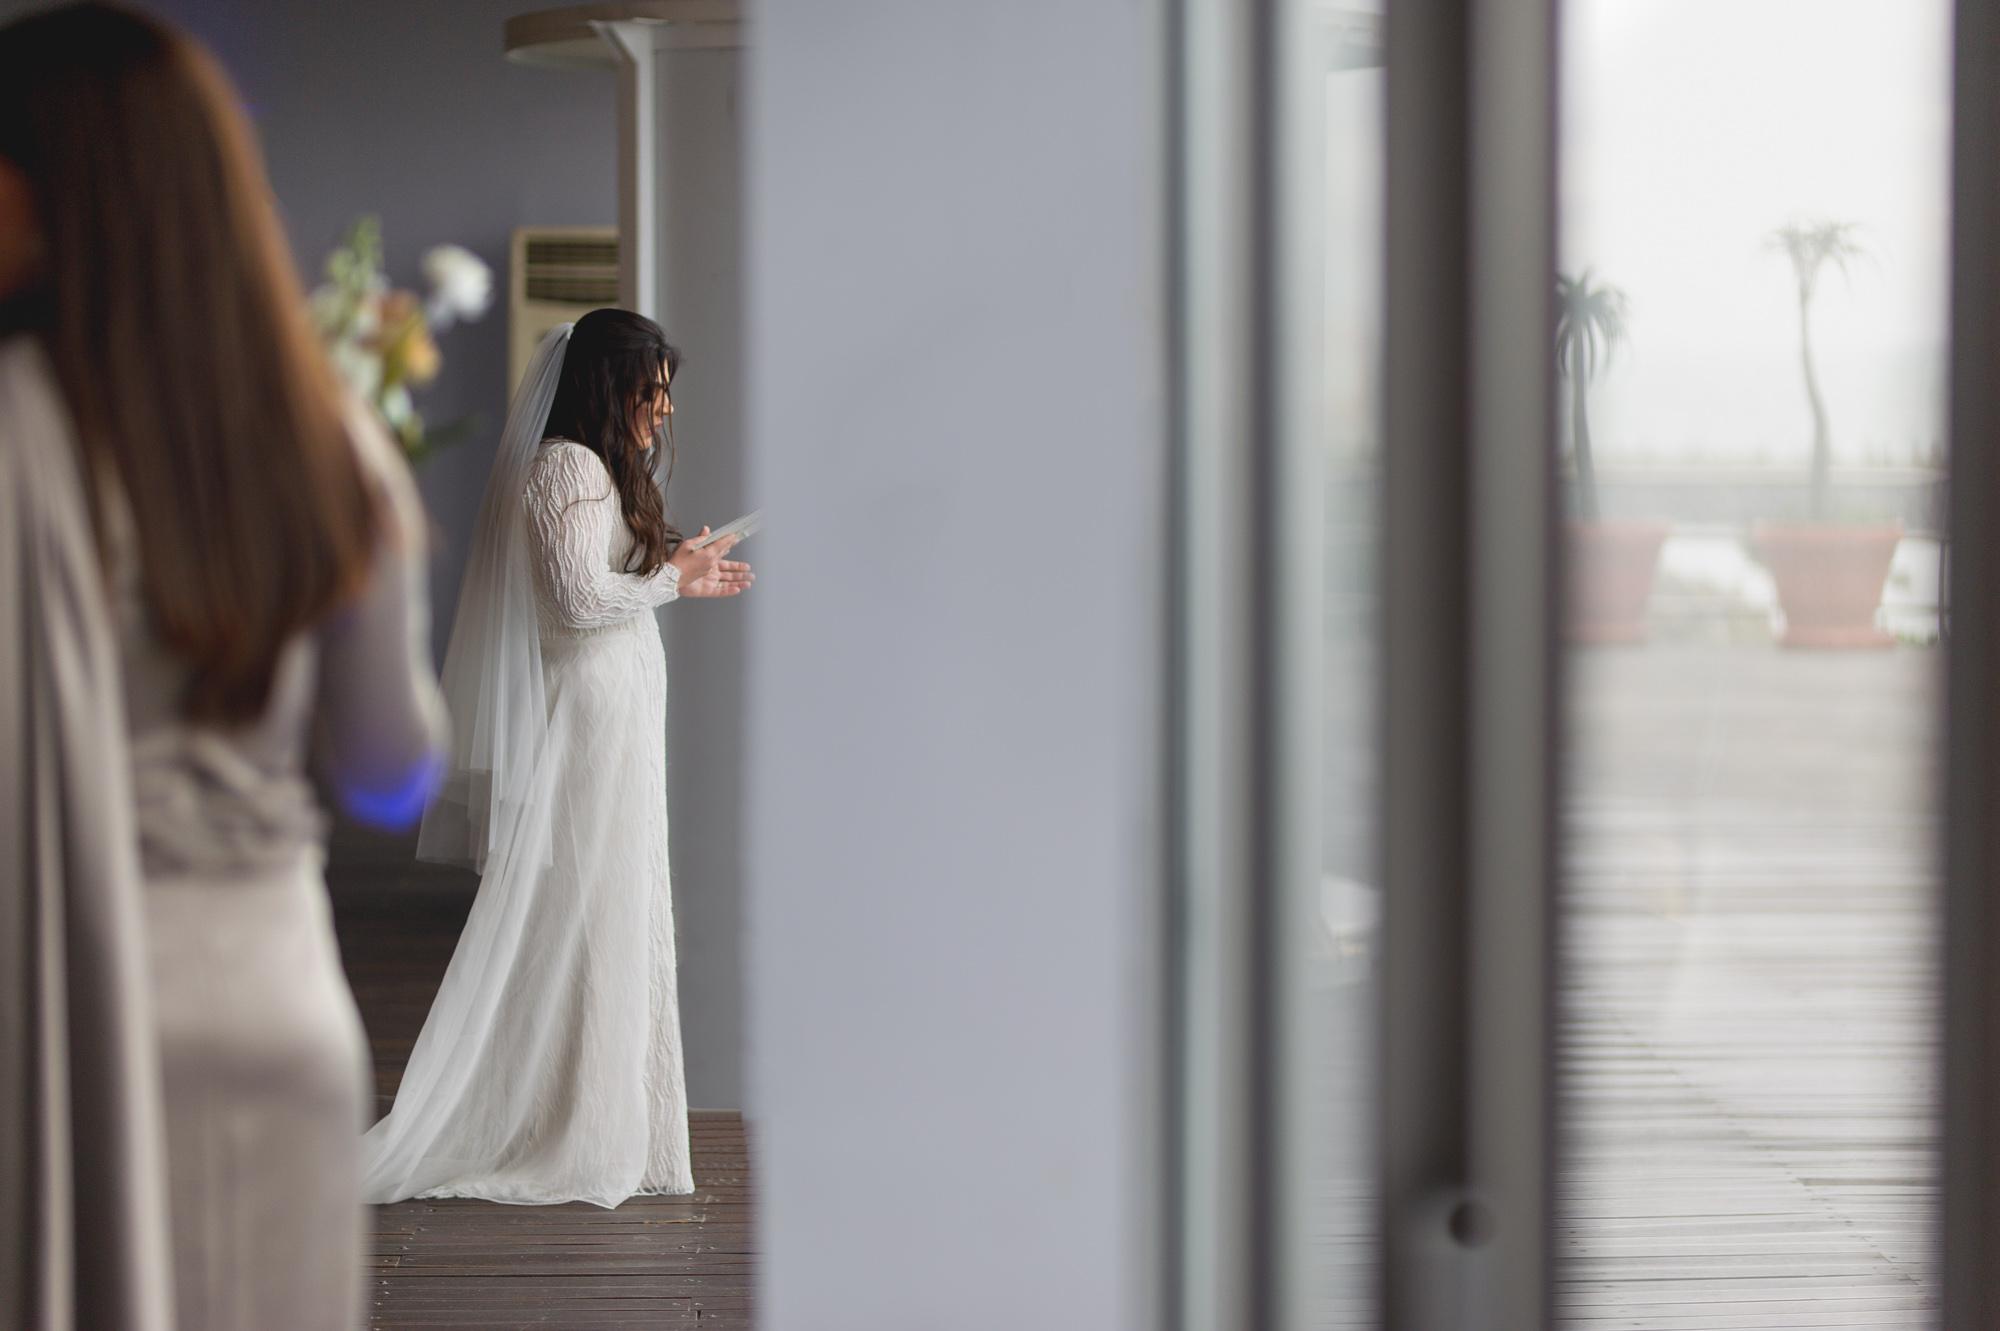 john-henry-wedding-photographer-aaron-devorah-the-lookout-021.JPG